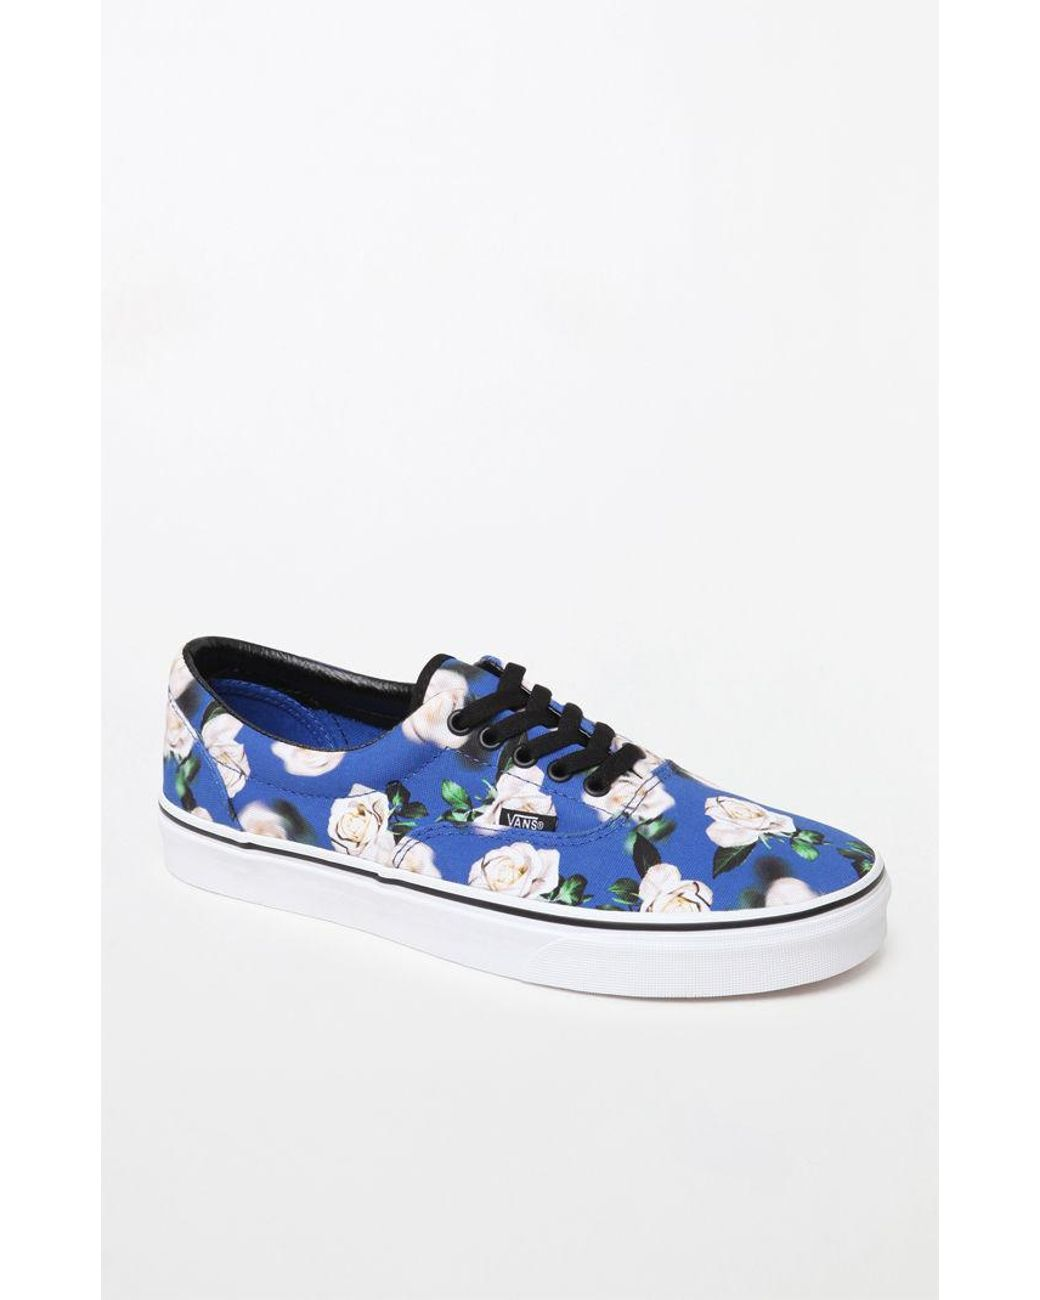 f19c321bb2 Lyst - Vans Romantic Floral Era Shoes in Blue for Men